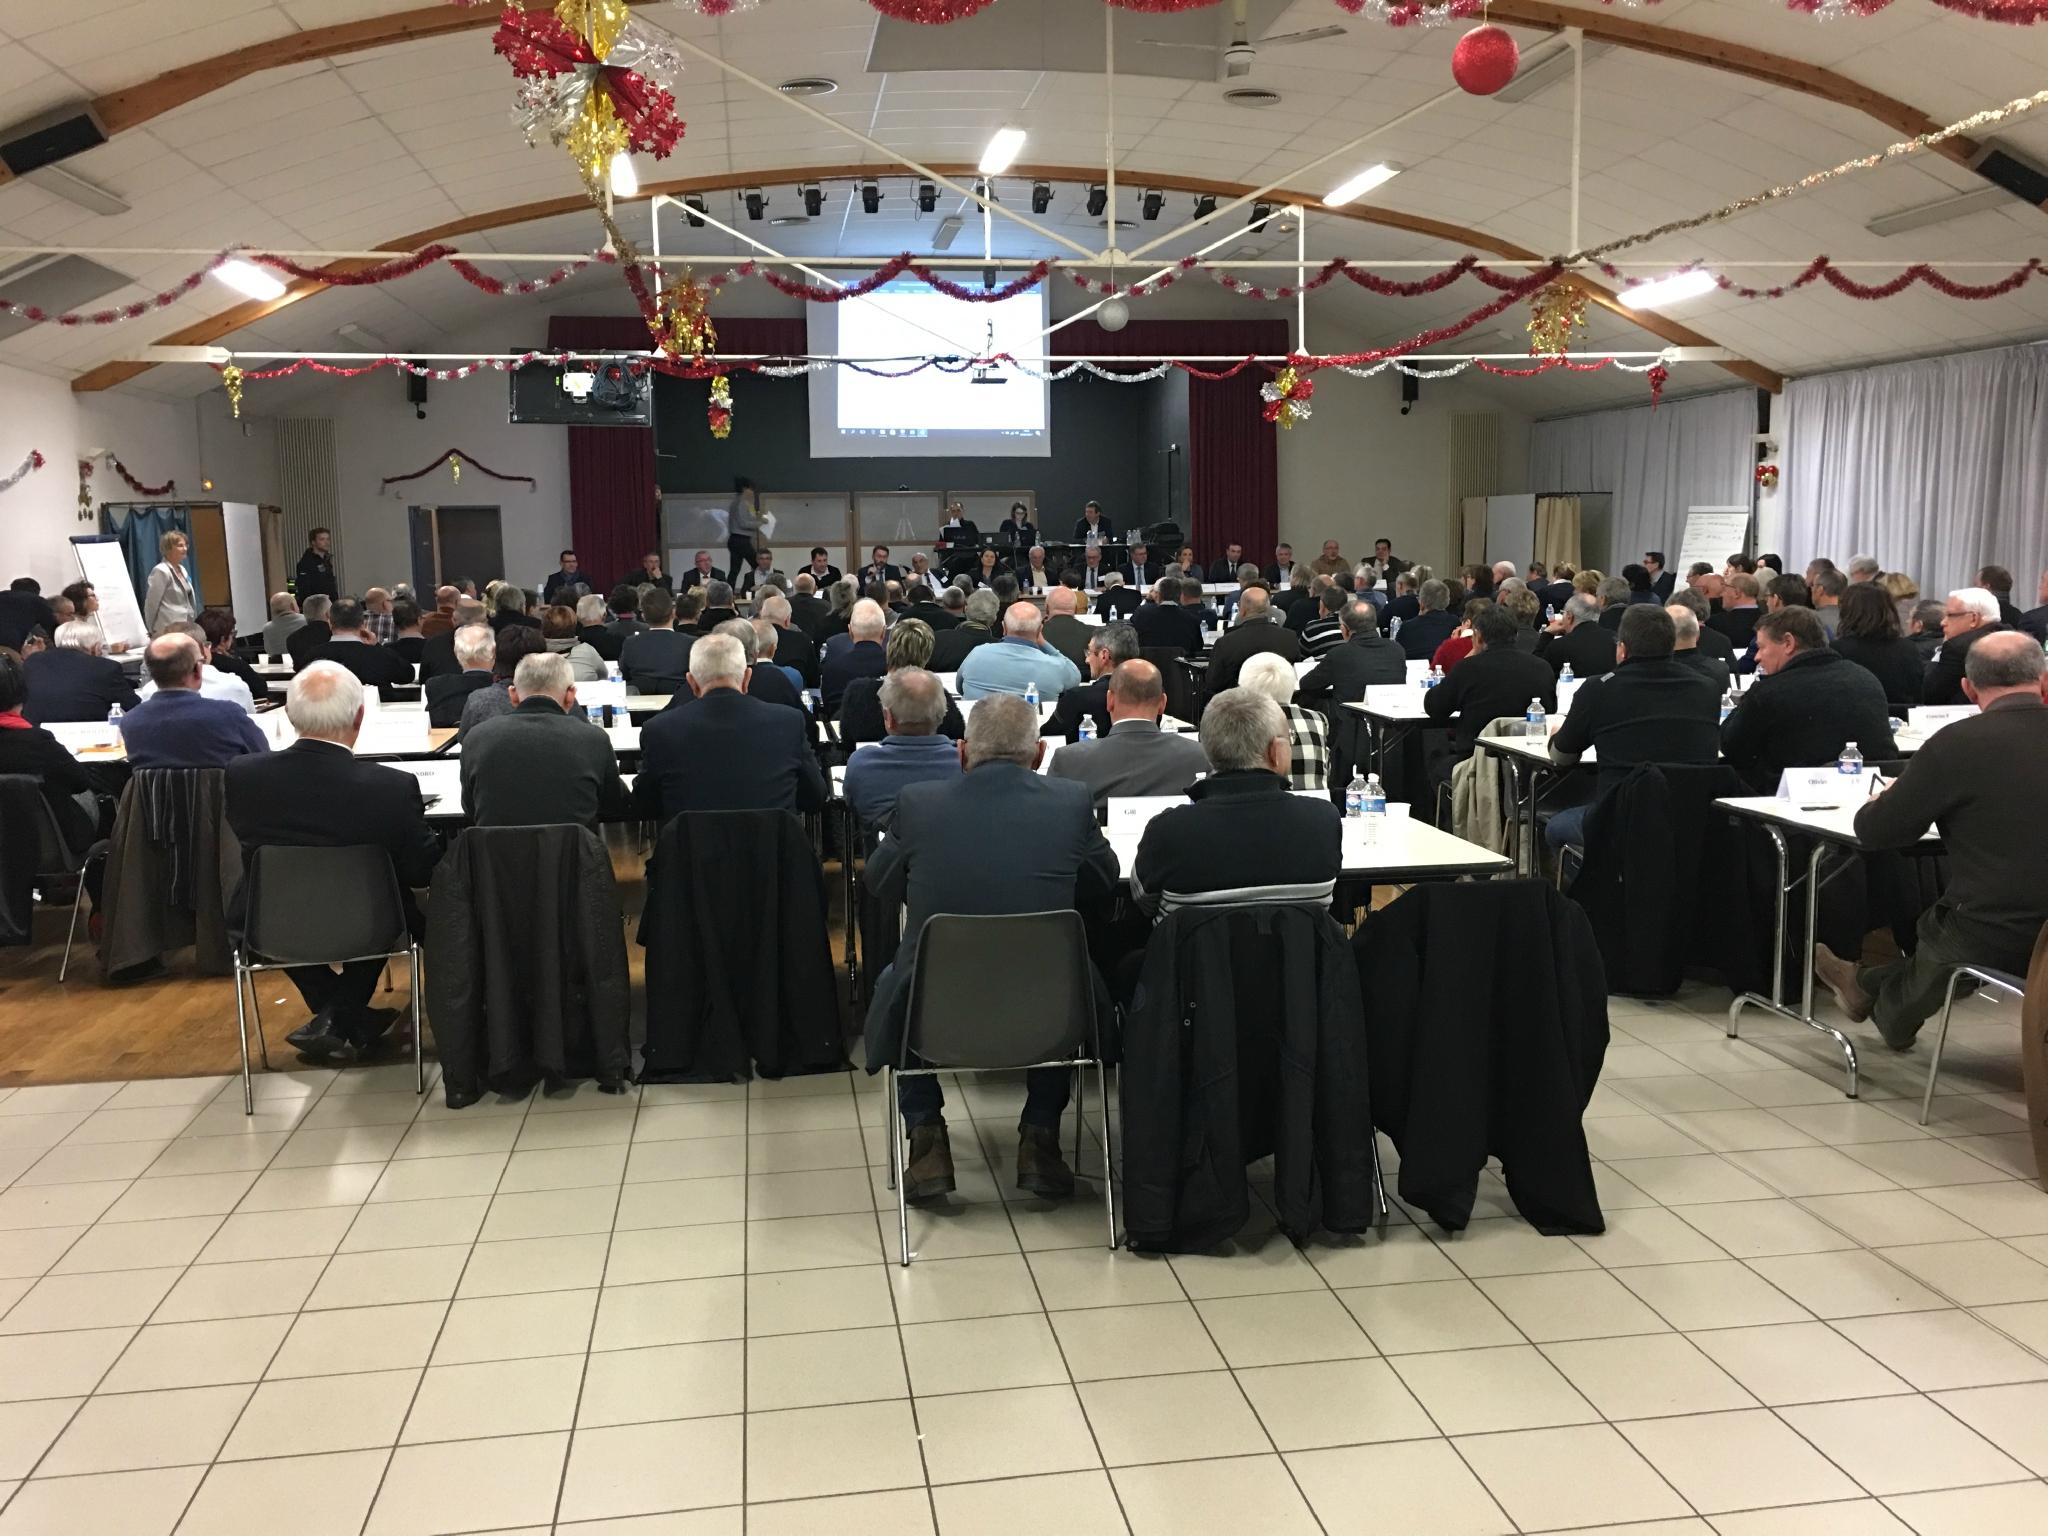 conseil de Communauté d'agglomération Mont-Saint-Michel Normandie • Isigny-le-Buat • lundi 16 janvier 1017 - l'ordre du jour